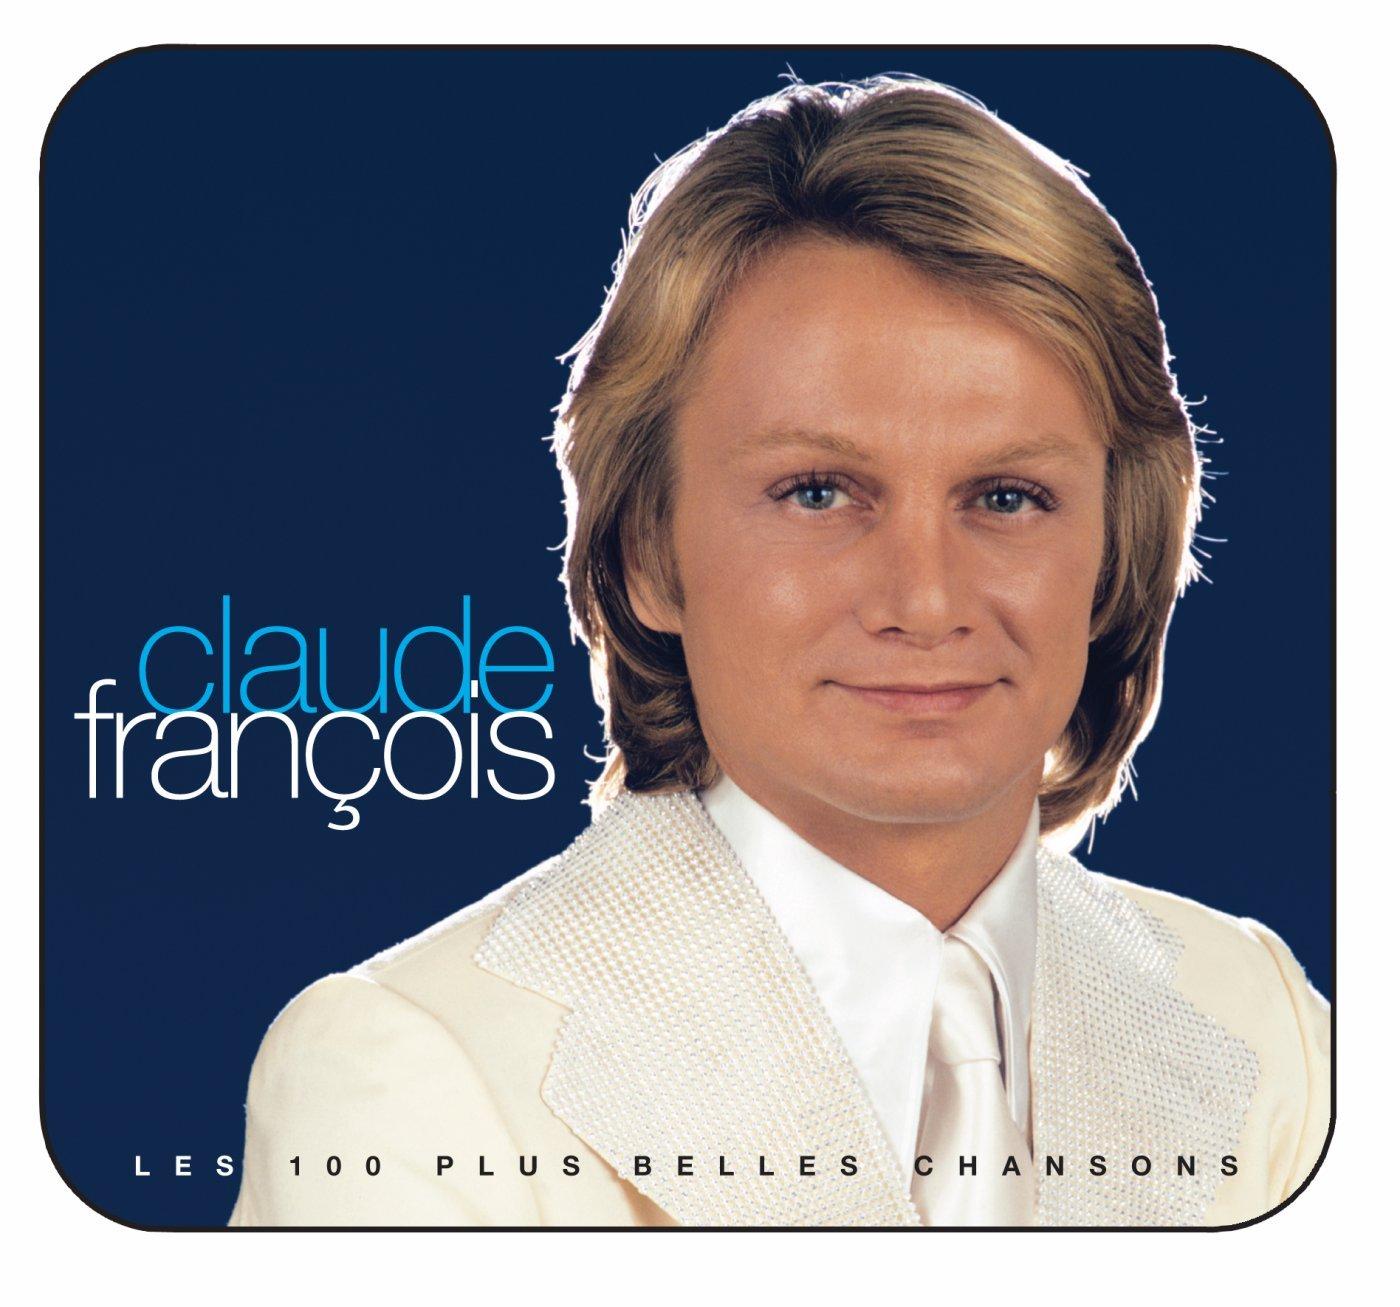 Les 100 Plus Belles Chansons : Claude François (Coffret 5 CD)